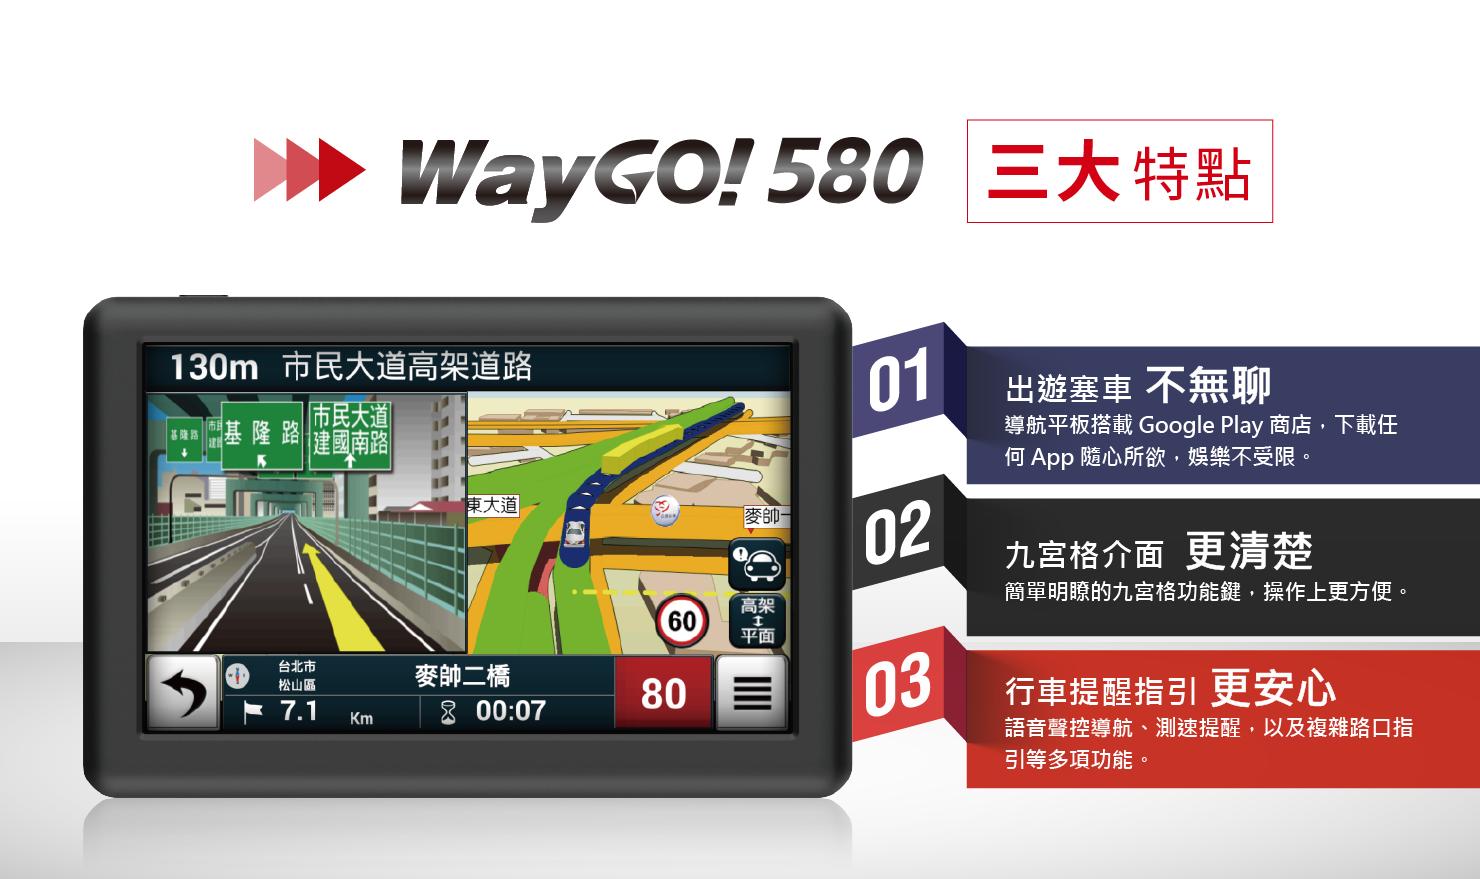 WayGo 580 三大特點: 出遊塞車不無聊、九宮格介面更清楚、行車提醒指引更安心